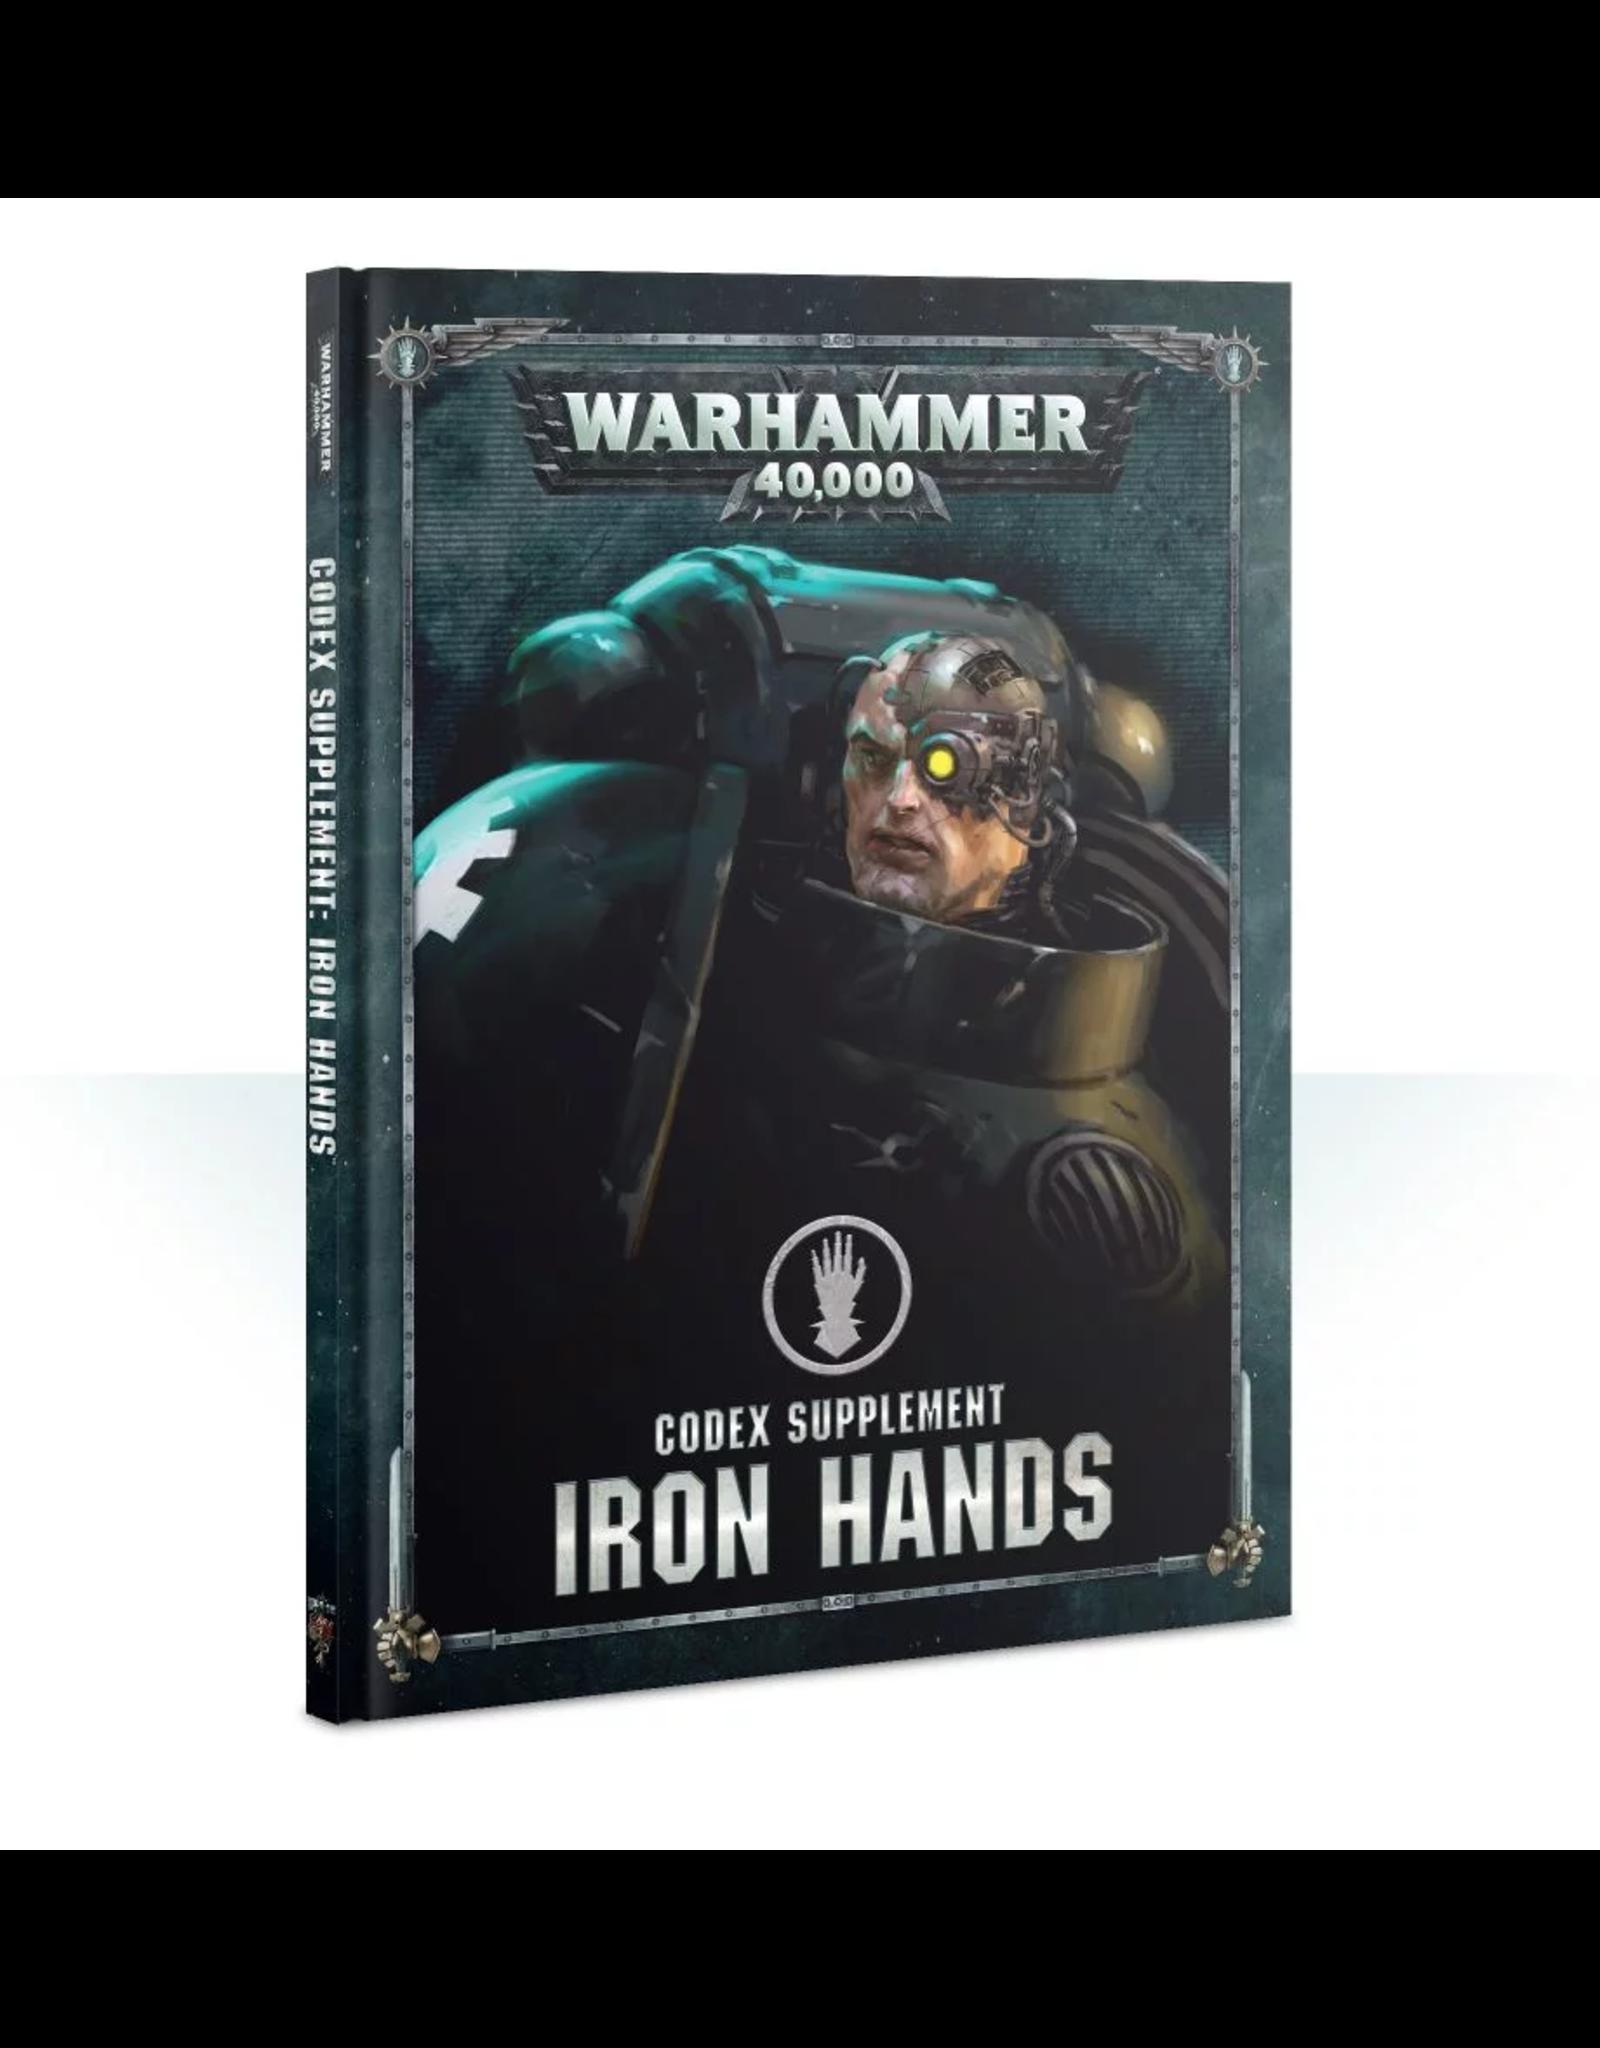 Warhammer 40K 40K Iron Hands Codex Supplement